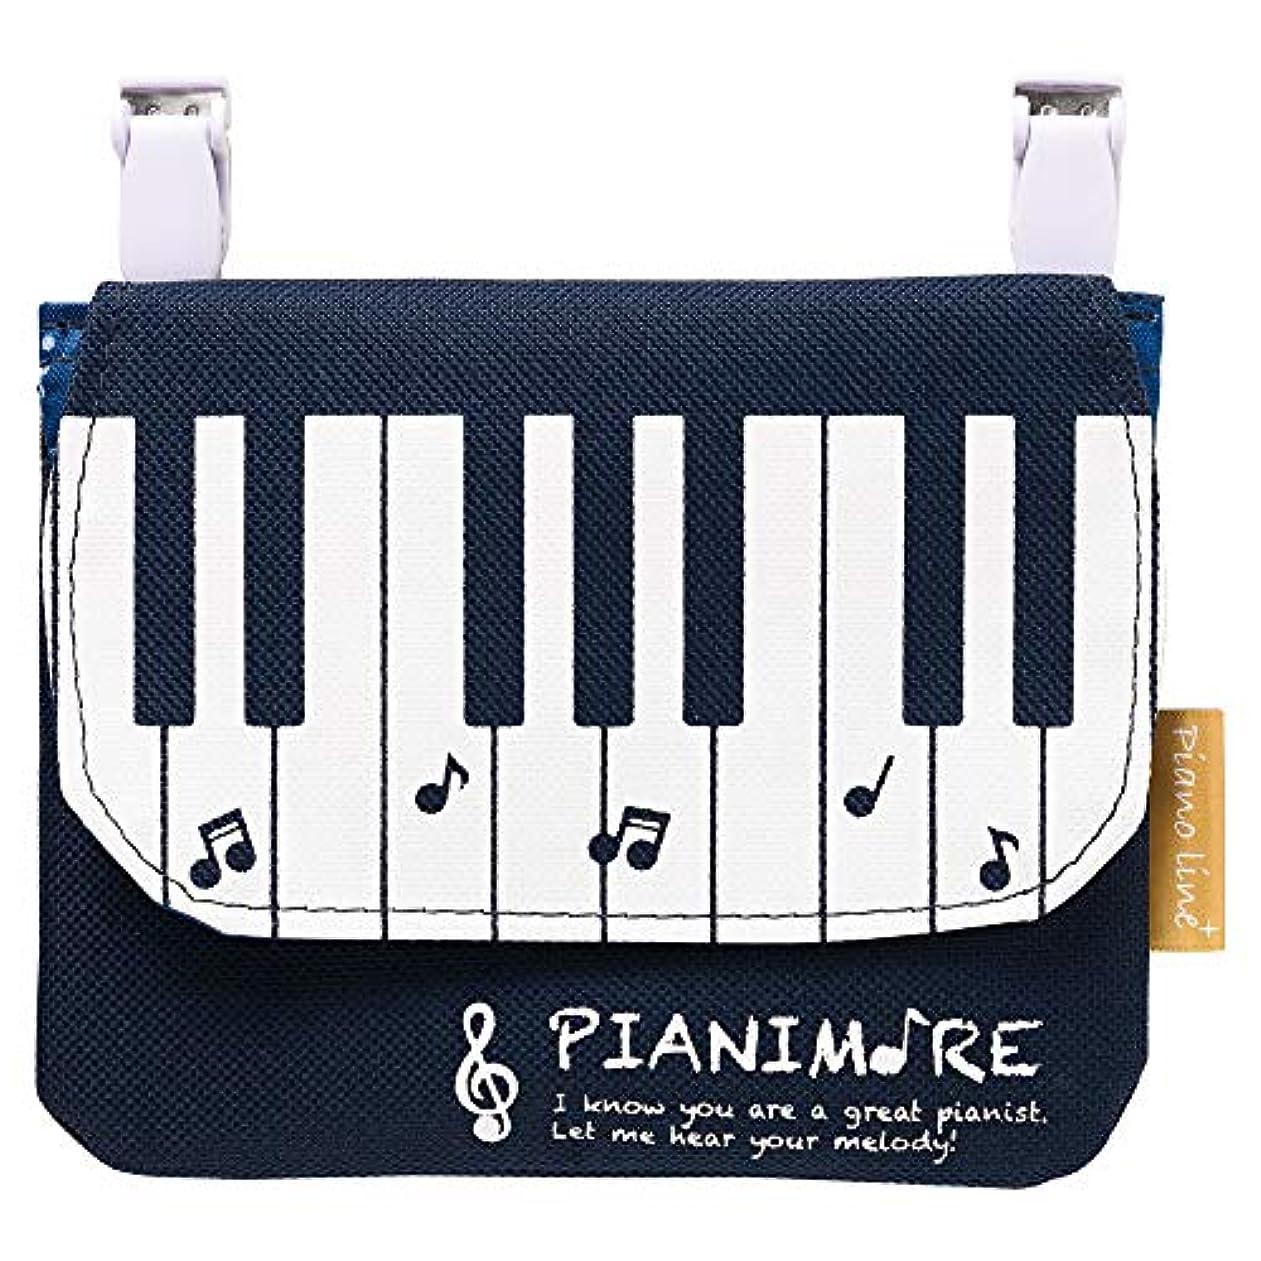 解釈里親誘惑Pianimore ポケットポーチ 鍵盤柄 移動ポケット ティッシュ入れ付き 女の子用